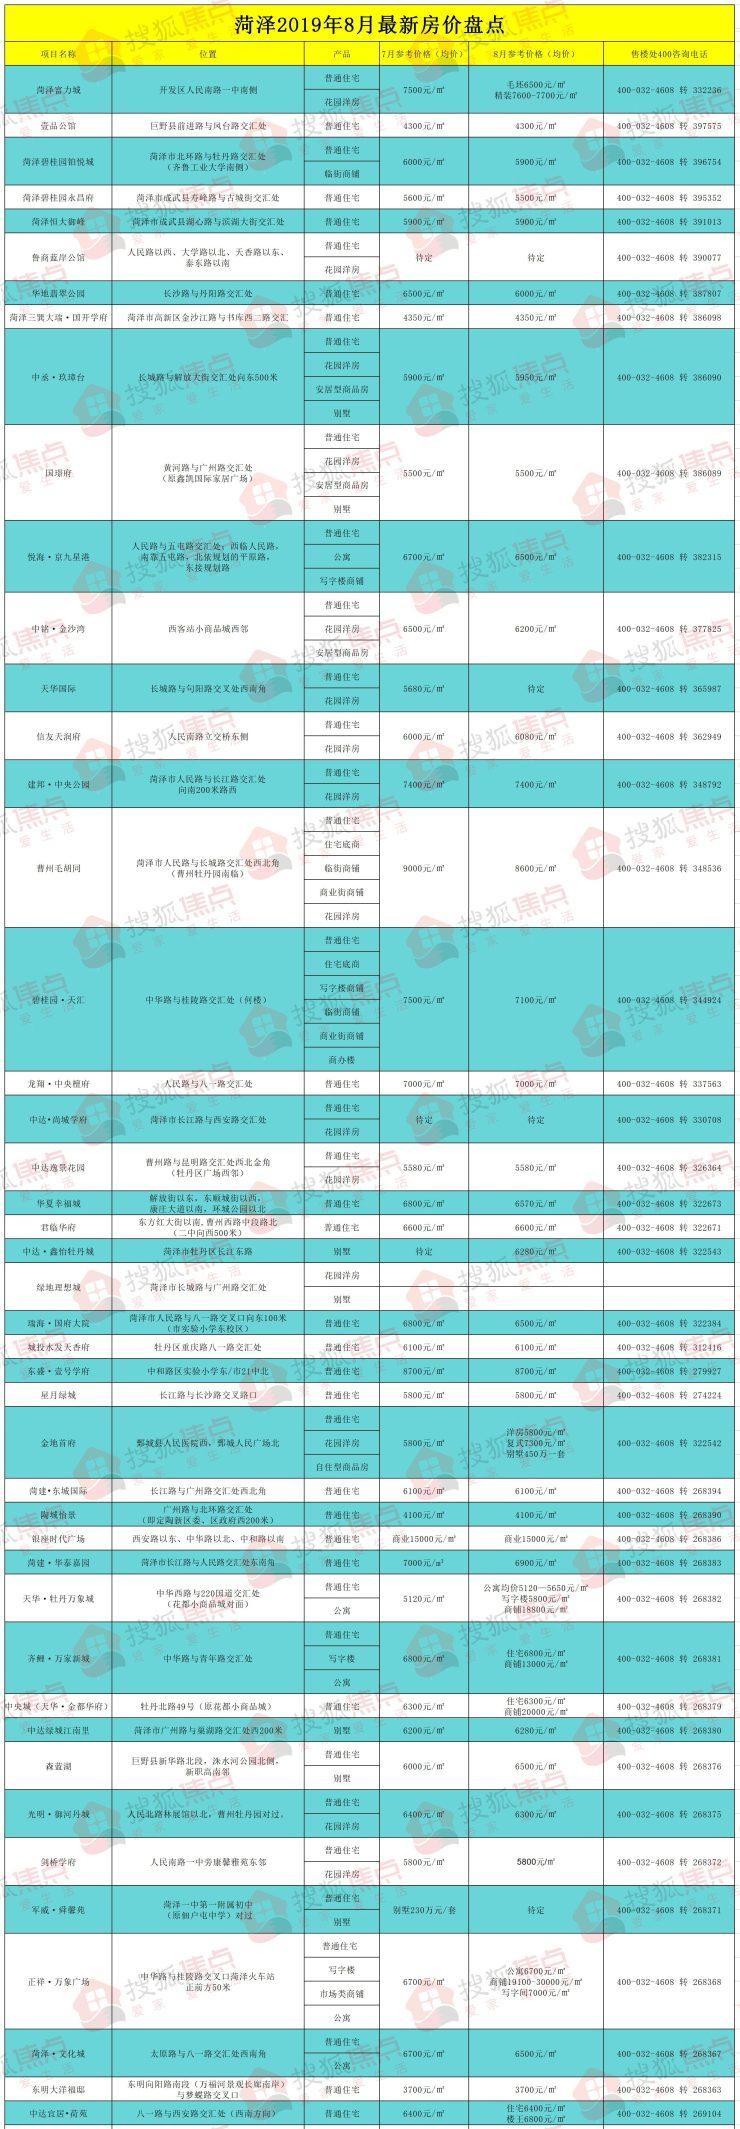 搜狐焦点独家出品:《菏泽2019年8月最新房价盘点》